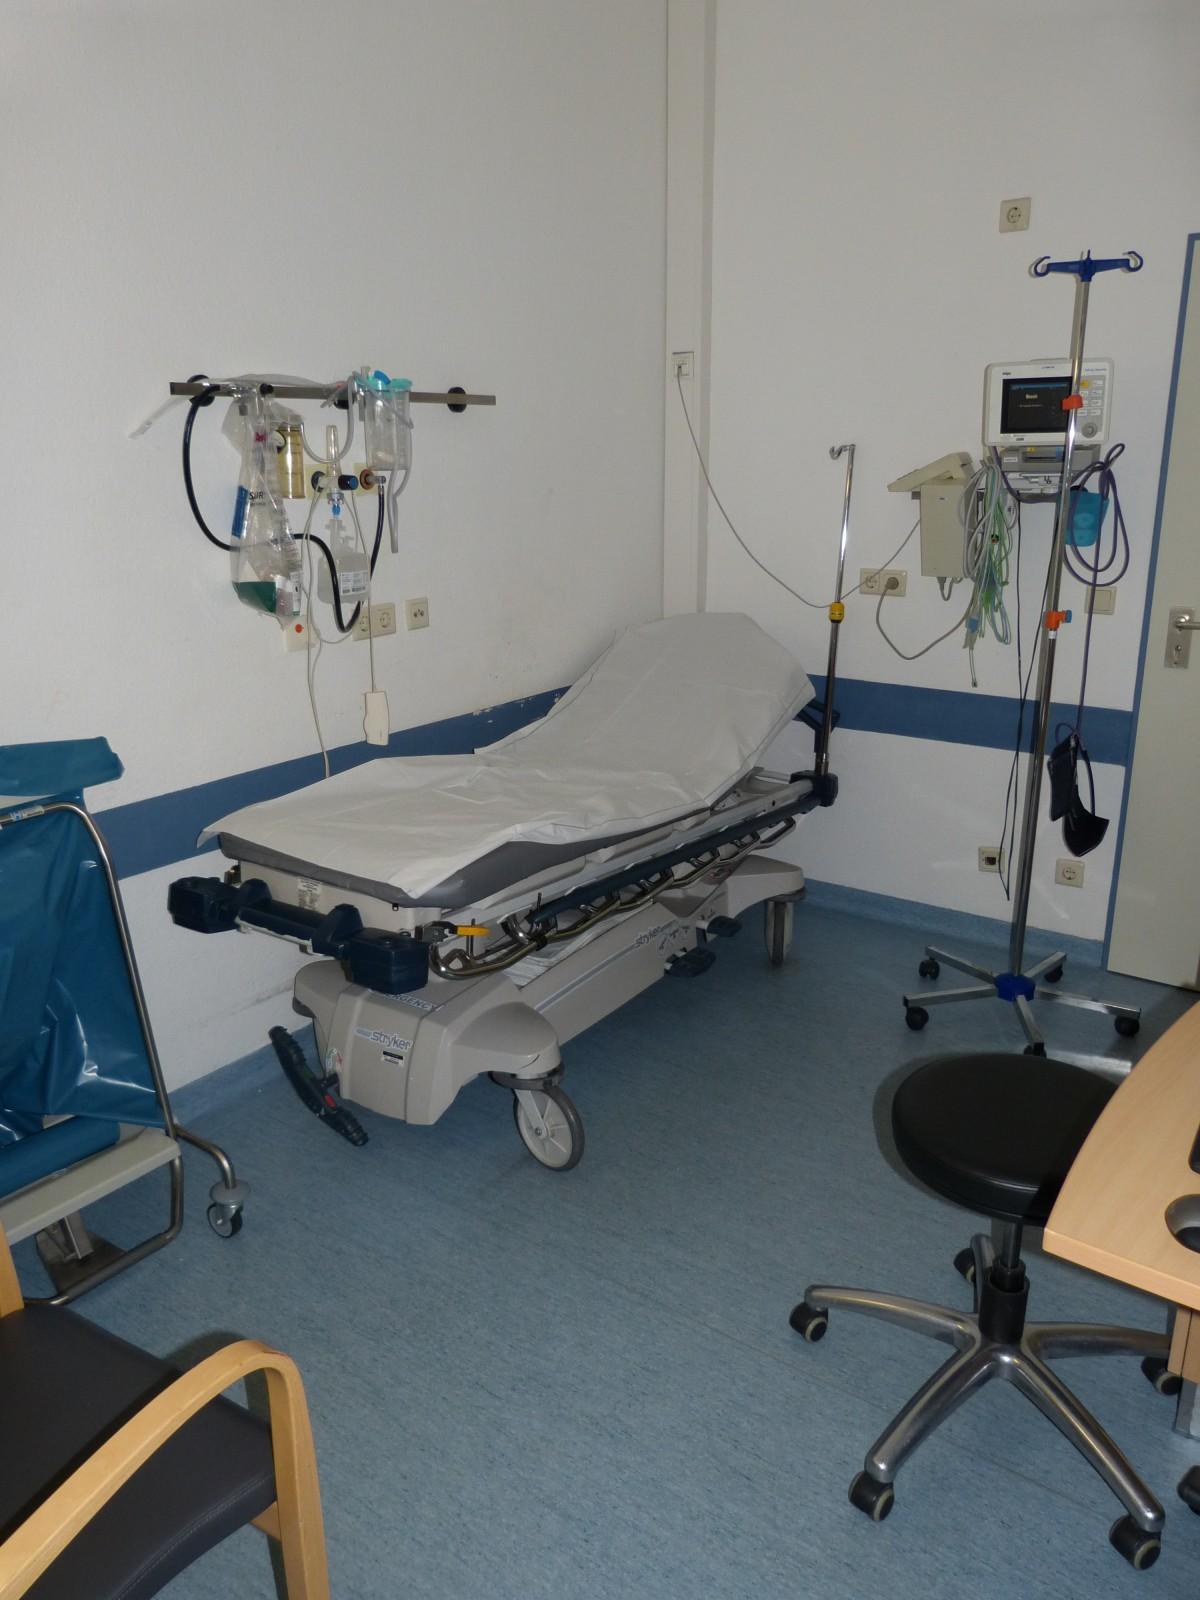 Стаціонарне лікування хворих на COVID-19 в Україні – безоплатне - коронавірус - hospital clinic medical bless you patient doctor disease investigation 1079291